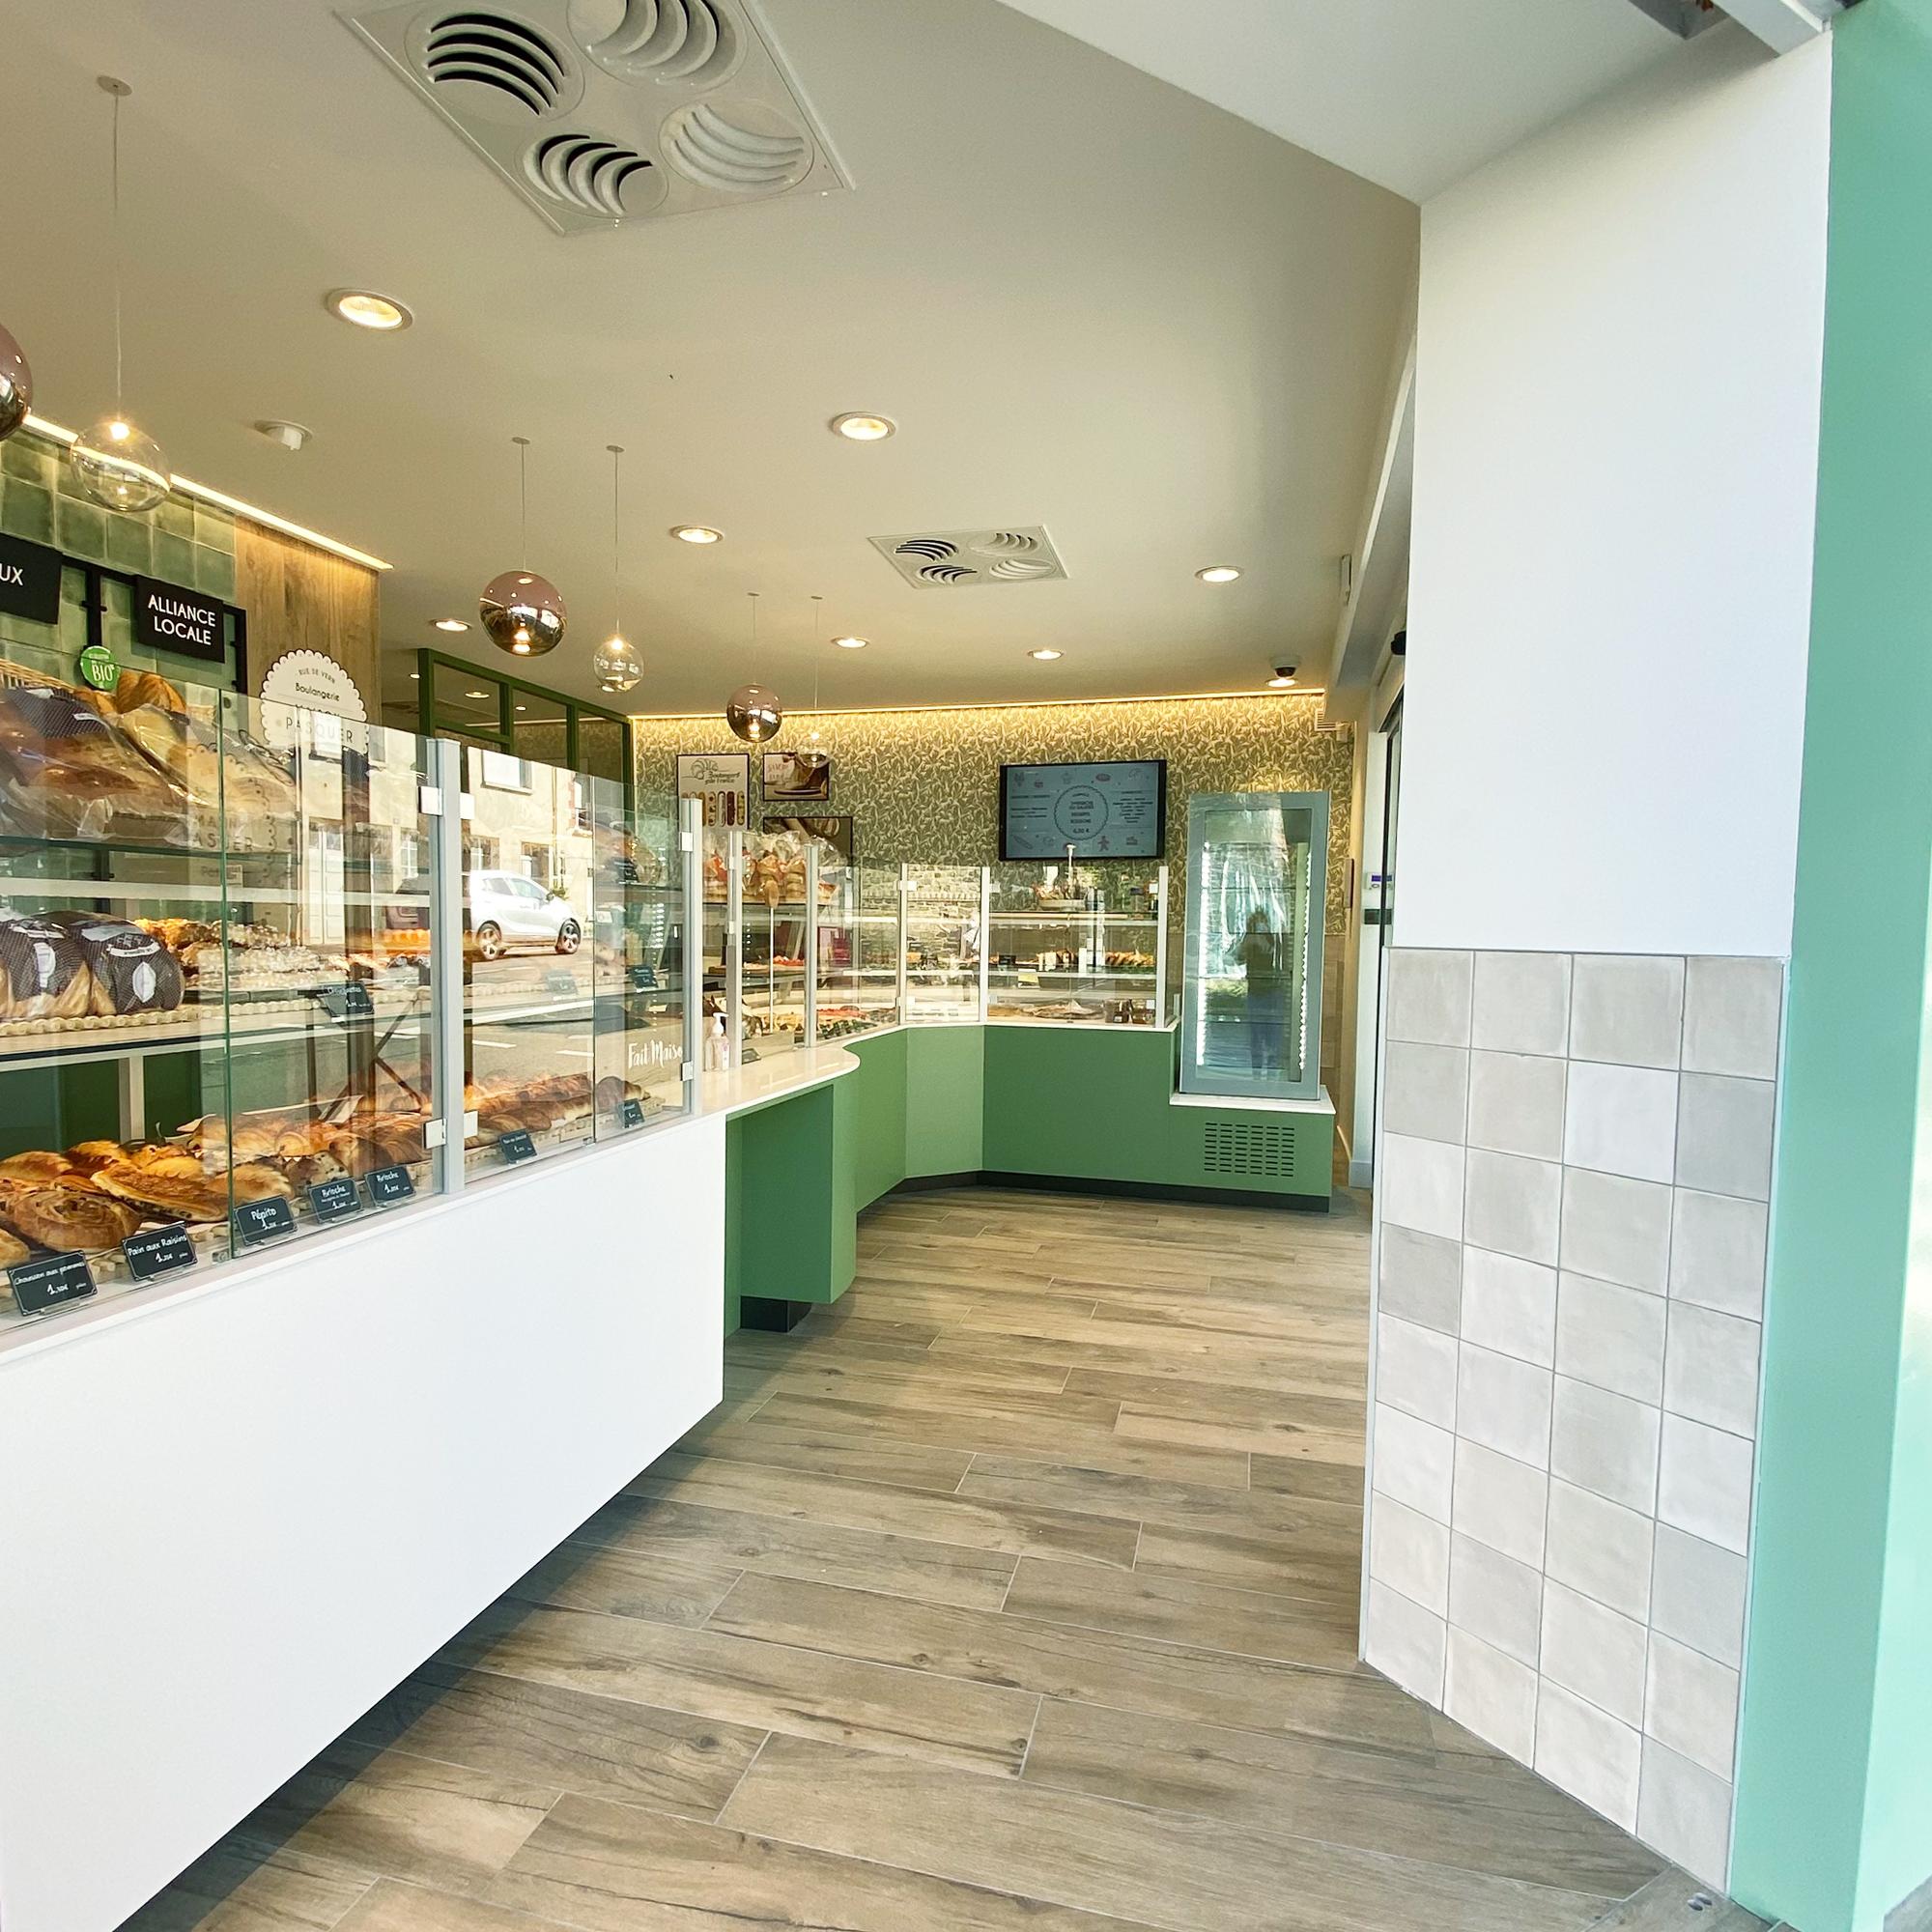 agencement intérieur projet rénovation boulangerie rennes architecture